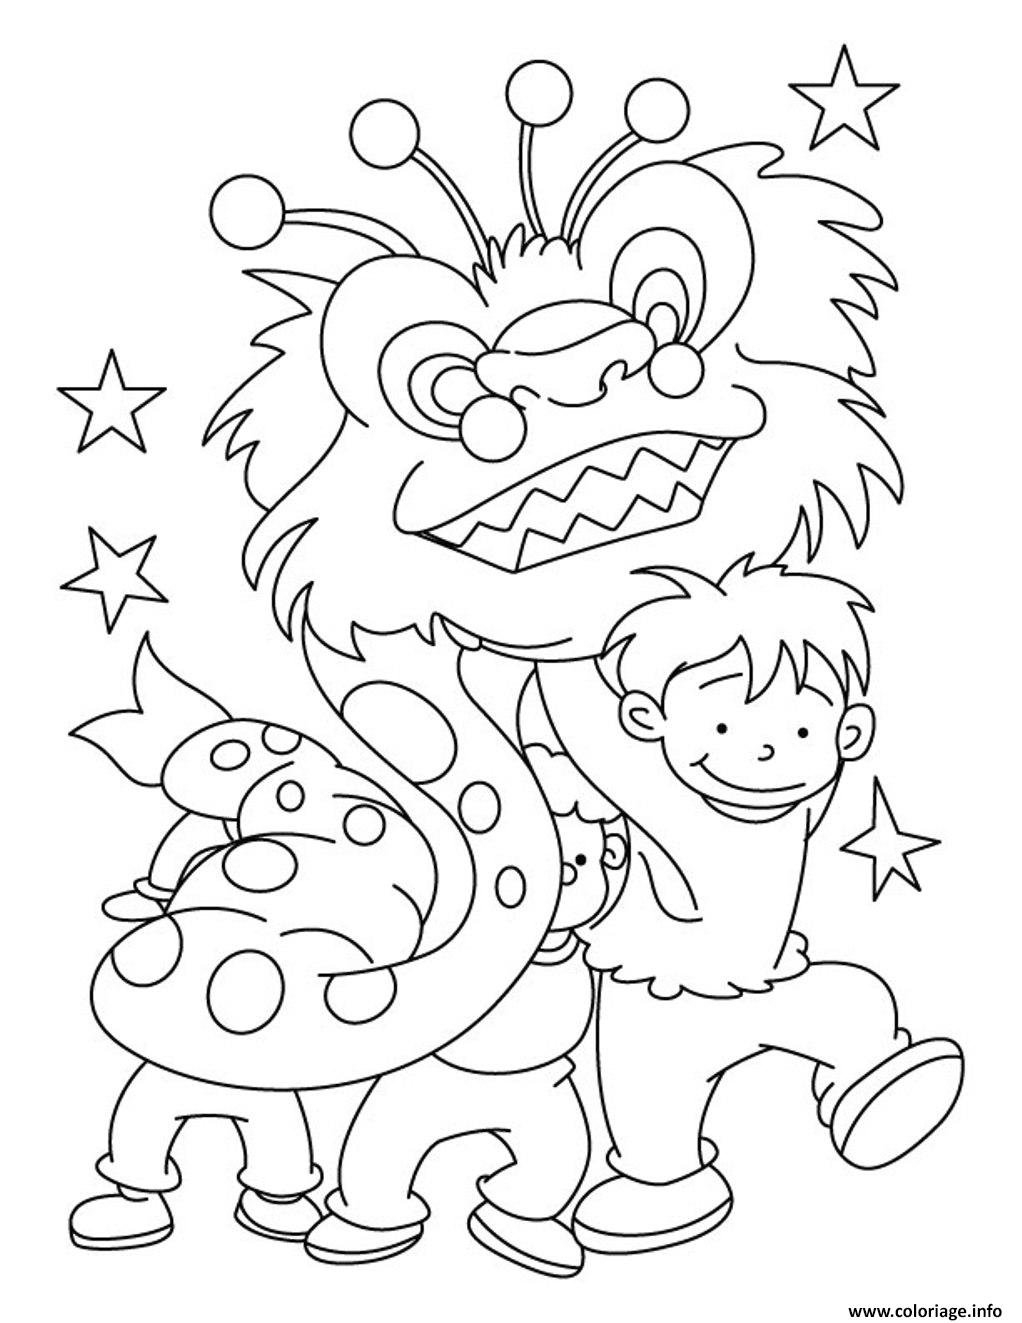 Dessin dragon nouvel an chinois kids Coloriage Gratuit à Imprimer